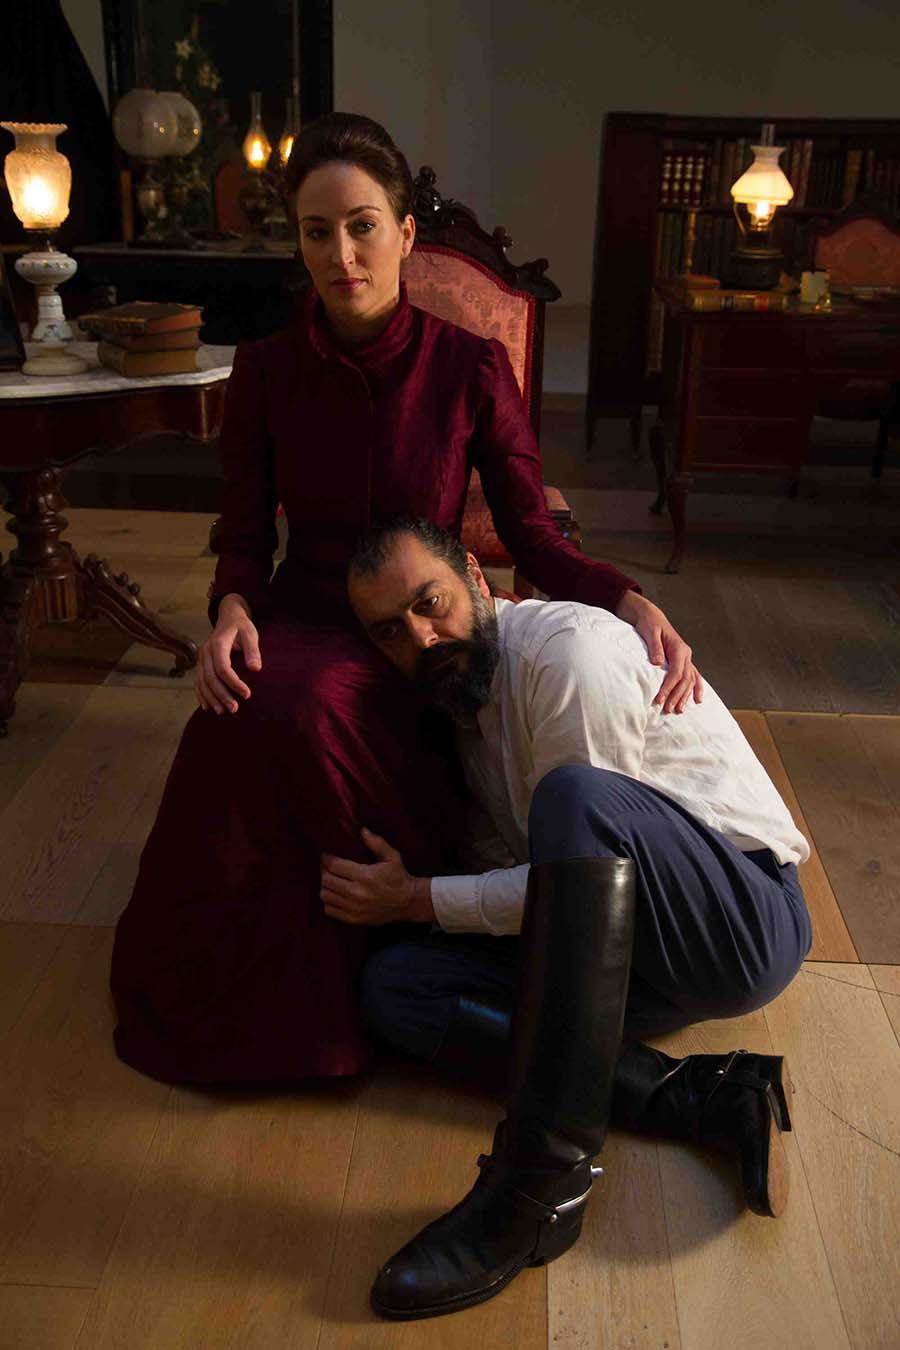 Escena de 'El padre', de August Strindberg, por la compañía Atelier del Drama, dirigido por Juan Prado. Imagen cortesía de Sala Russafa.